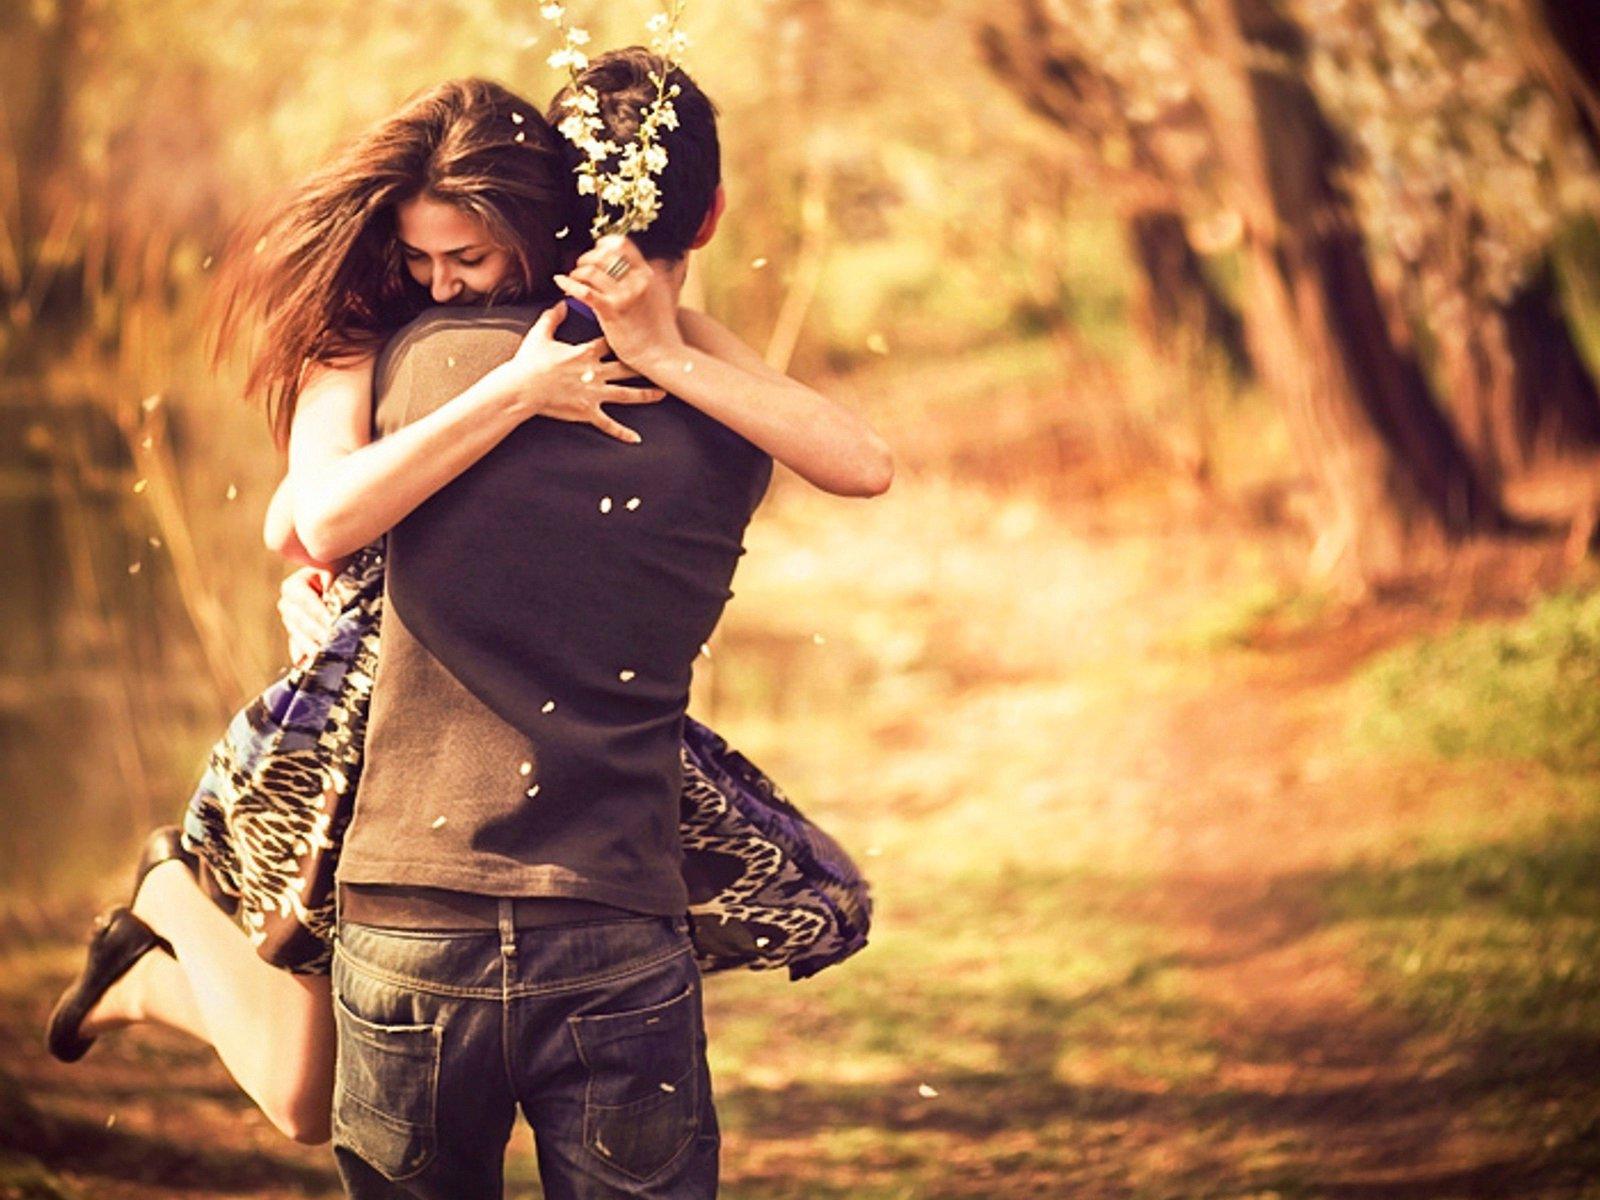 صورة صور حب ساخنة , اجمل و احلى صور الحب الساخنه 4364 8